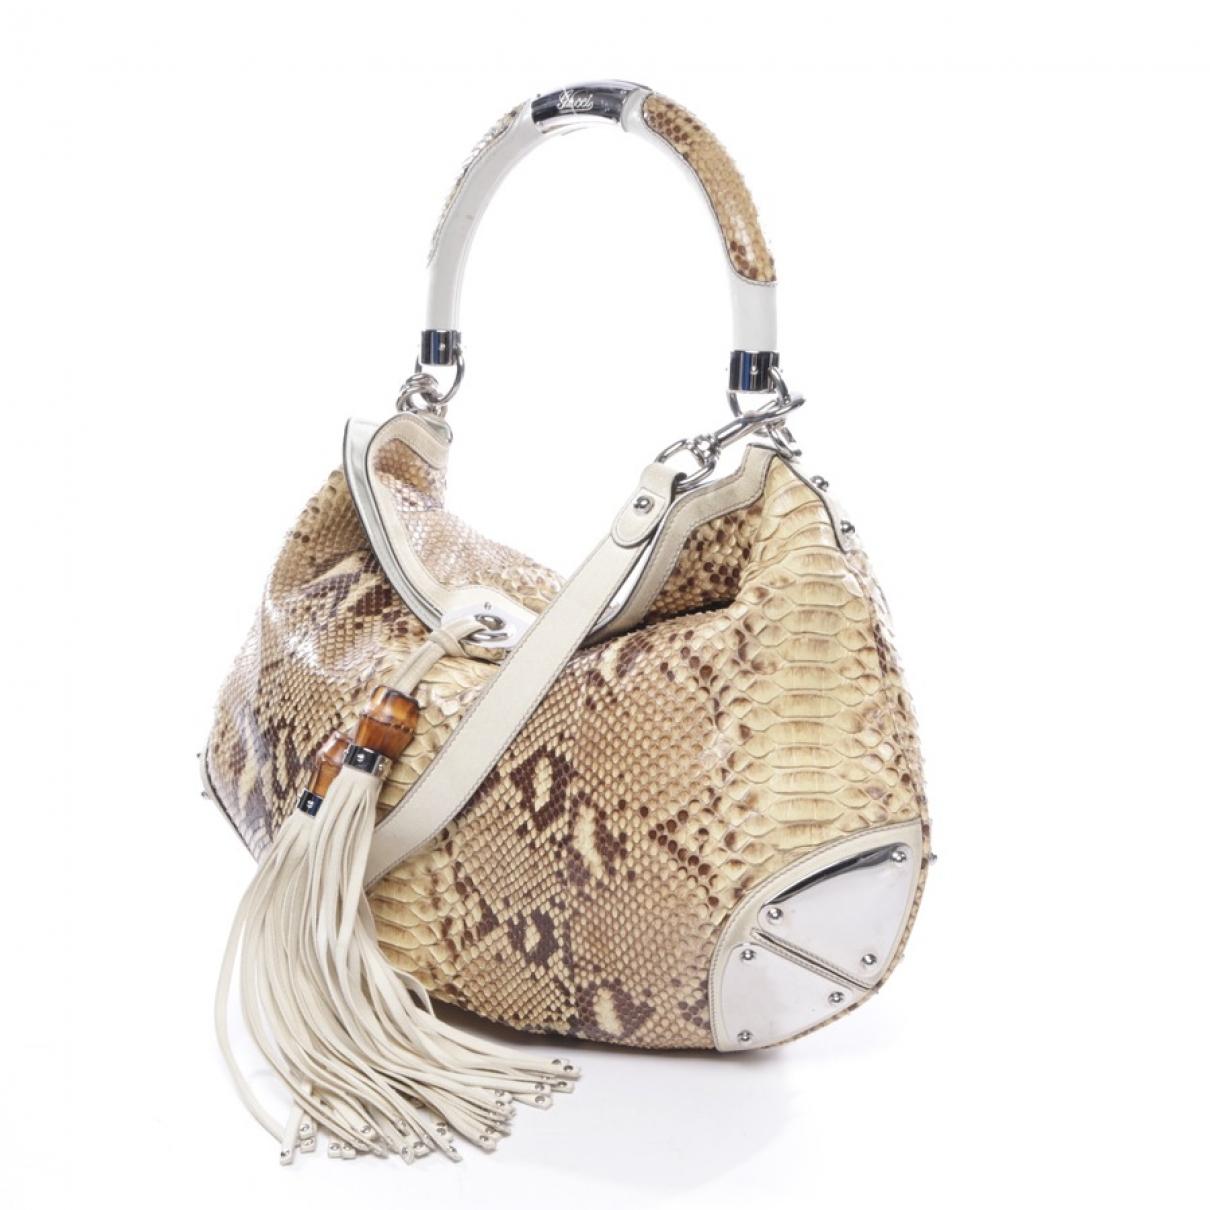 Gucci \N Handtasche in  Beige Exotenleder